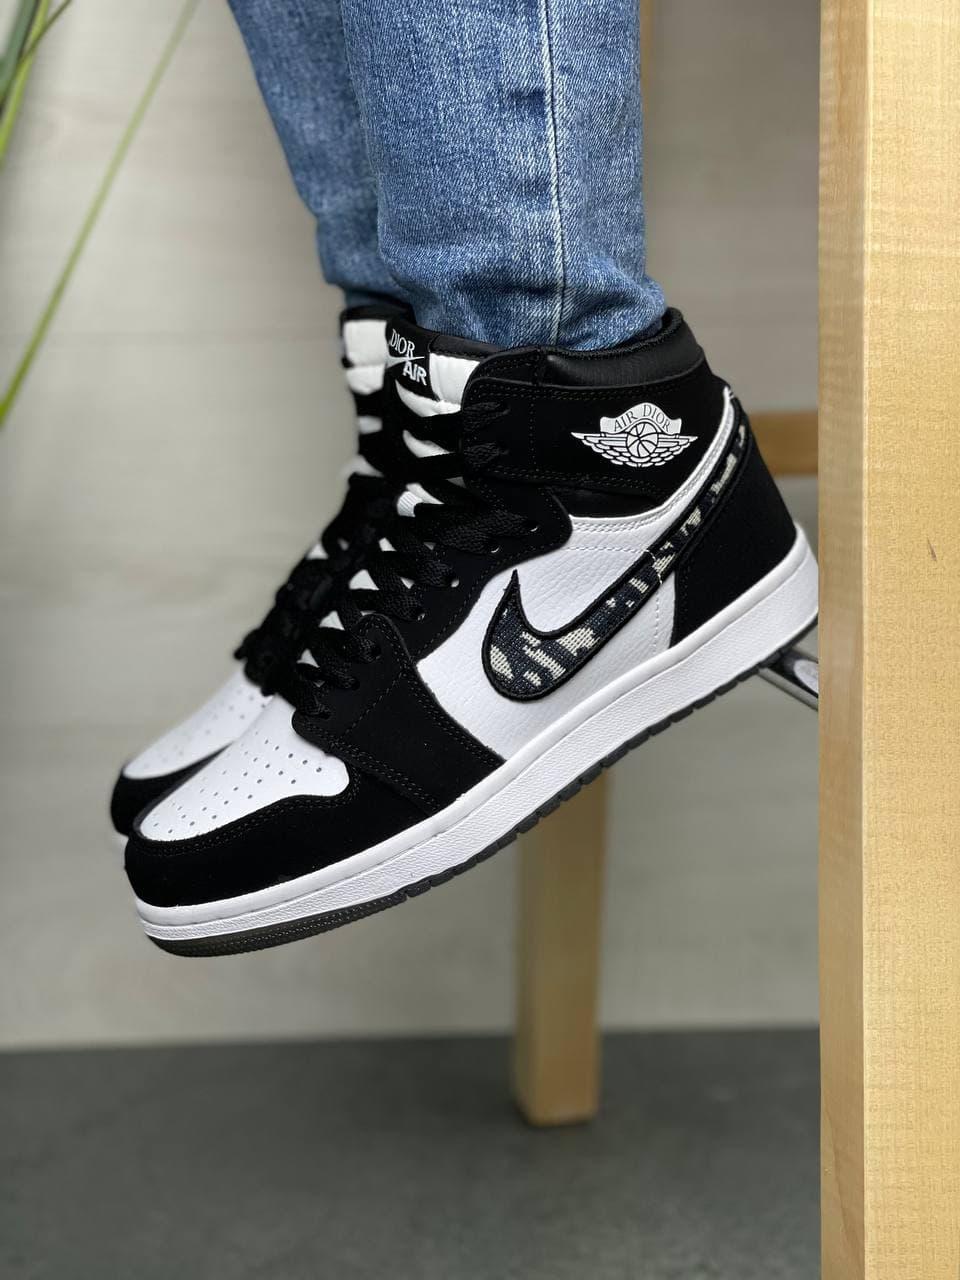 Жіночі кросівки Nk ir Jordan 1 High х Dior Black/White